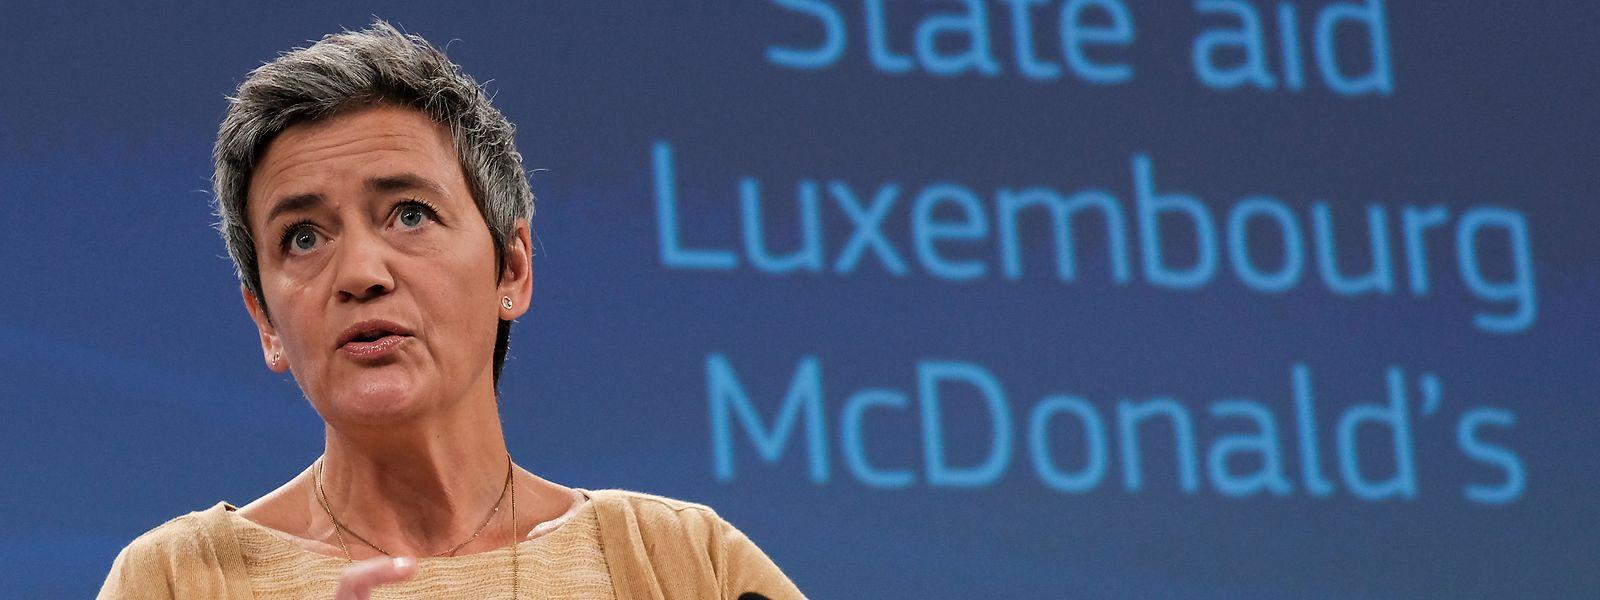 Starbucks, McDonald's und jetzt Huhtamäki: Margrethe Vestager schreckt nicht vor großen Konzernnamen zurück.